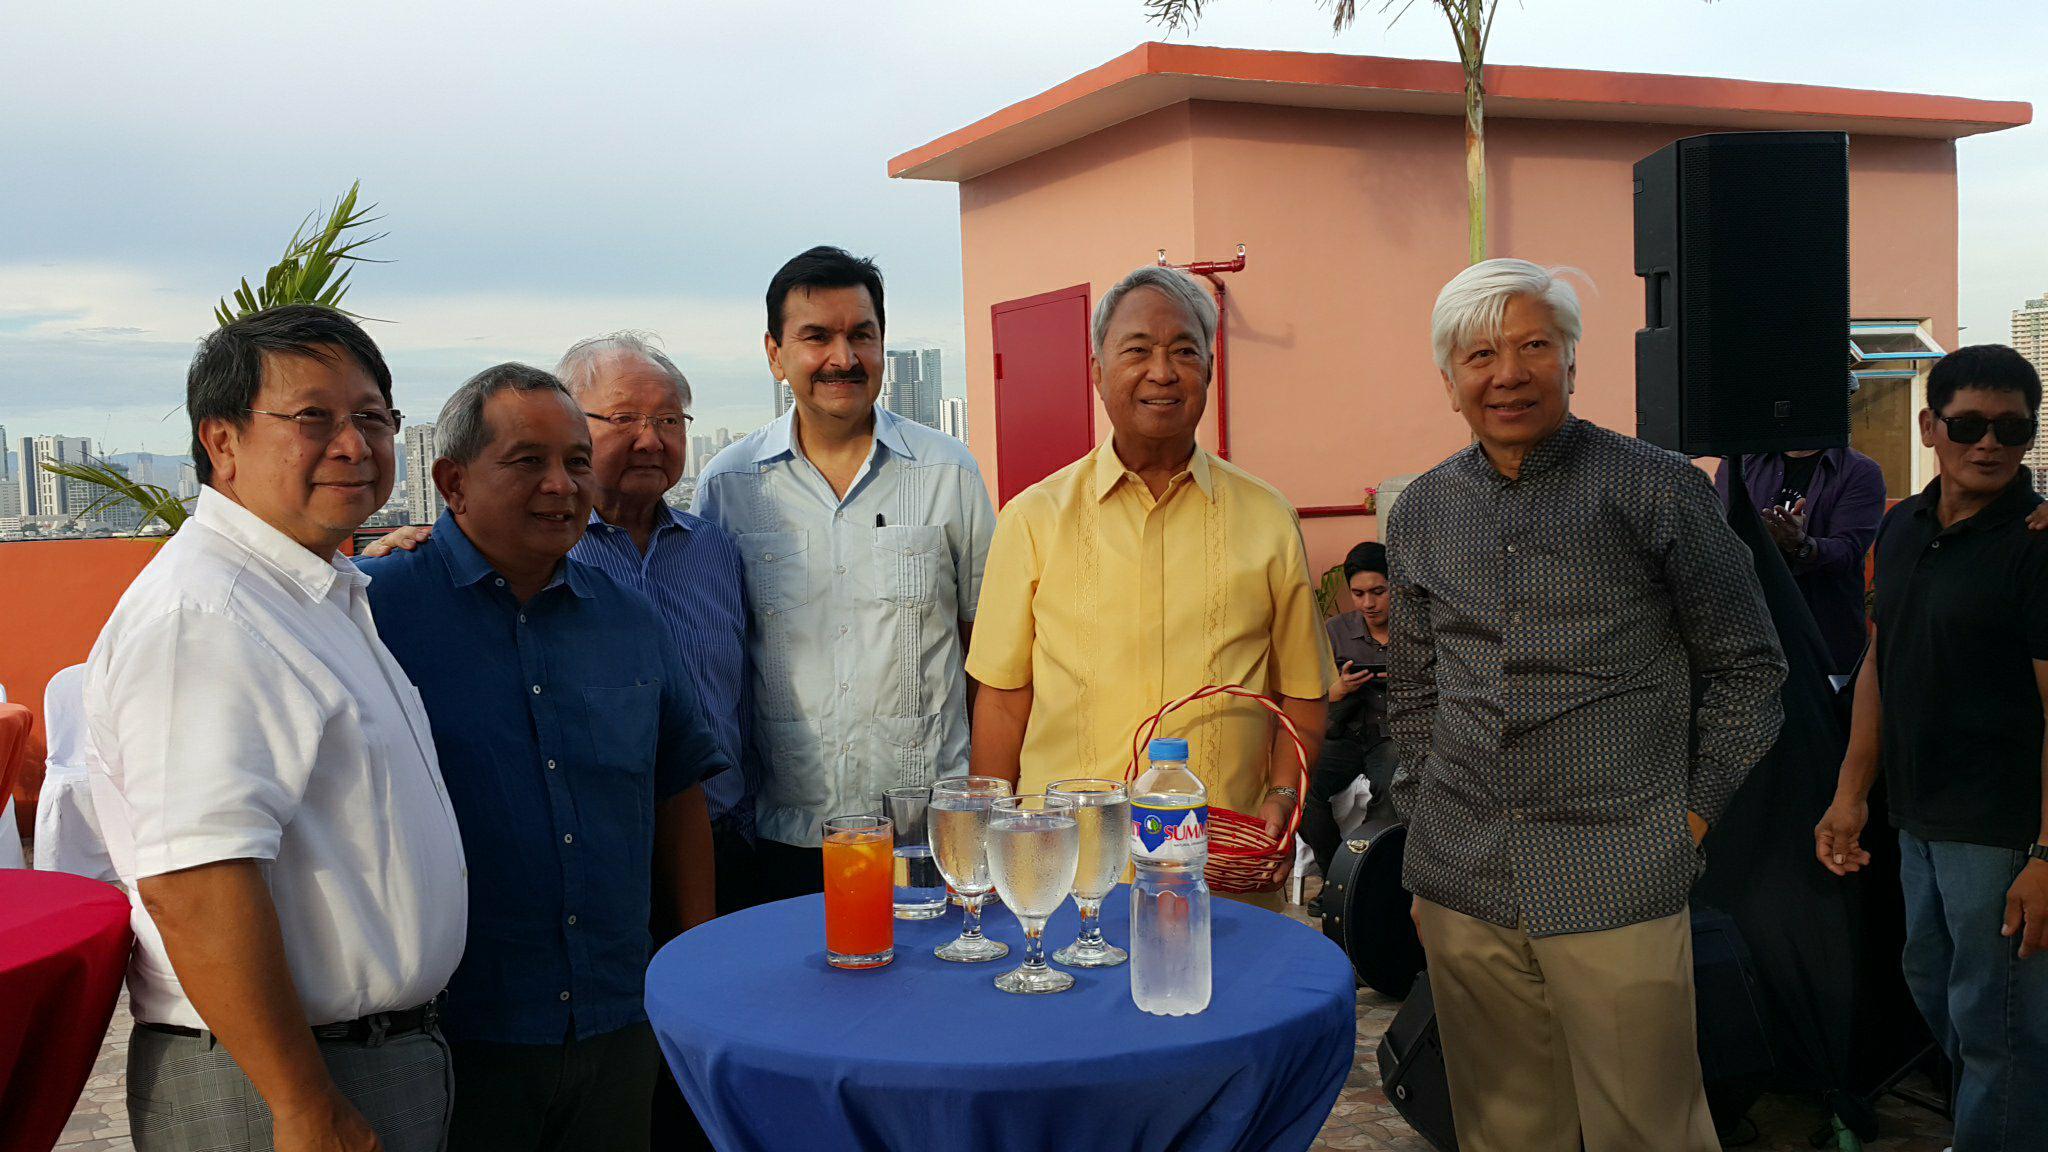 Rotarian Mon Guerrero, PN Eric Tensuan, PDG Tony Rufino, Rotarian Harresh Dargani, President Reynaldo S. Guevara and PP Ernie Fajardo